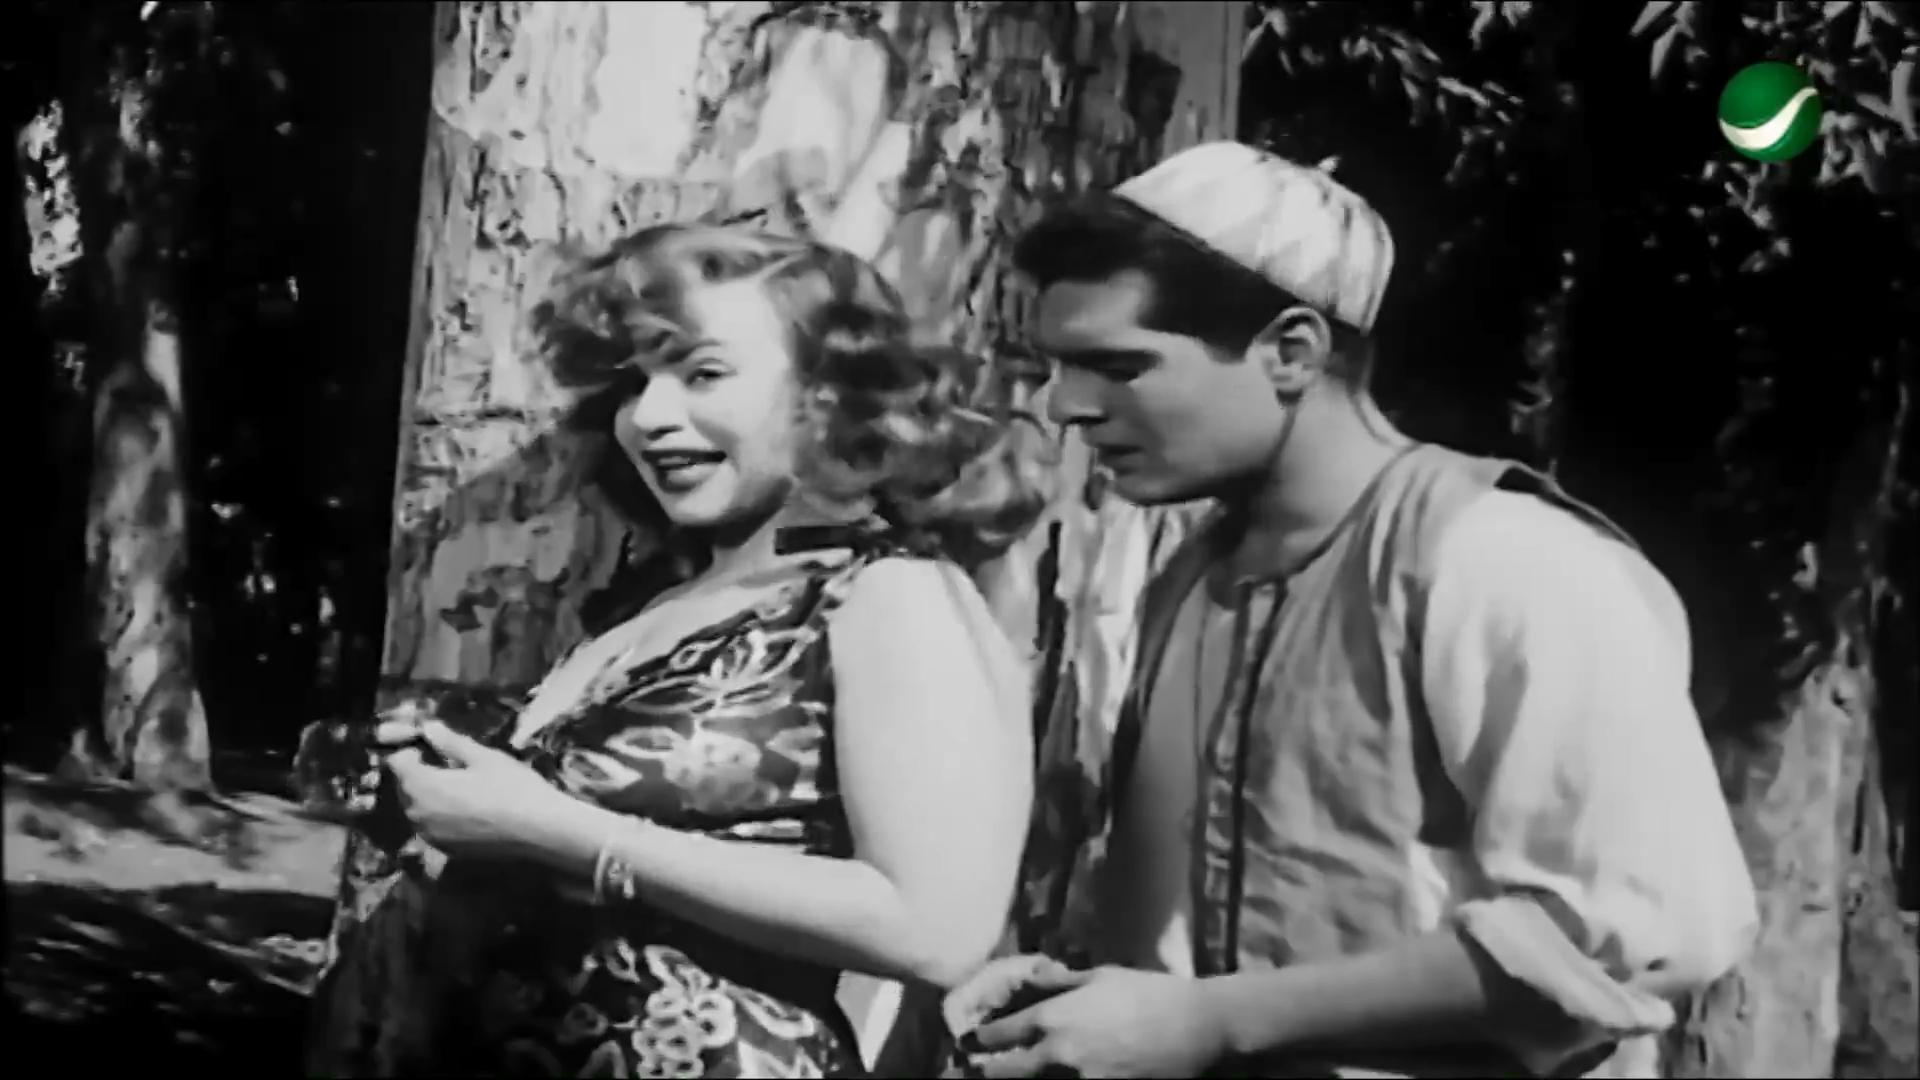 [فيلم][تورنت][تحميل][صراع في النيل][1959][1080p][Web-DL] 8 arabp2p.com